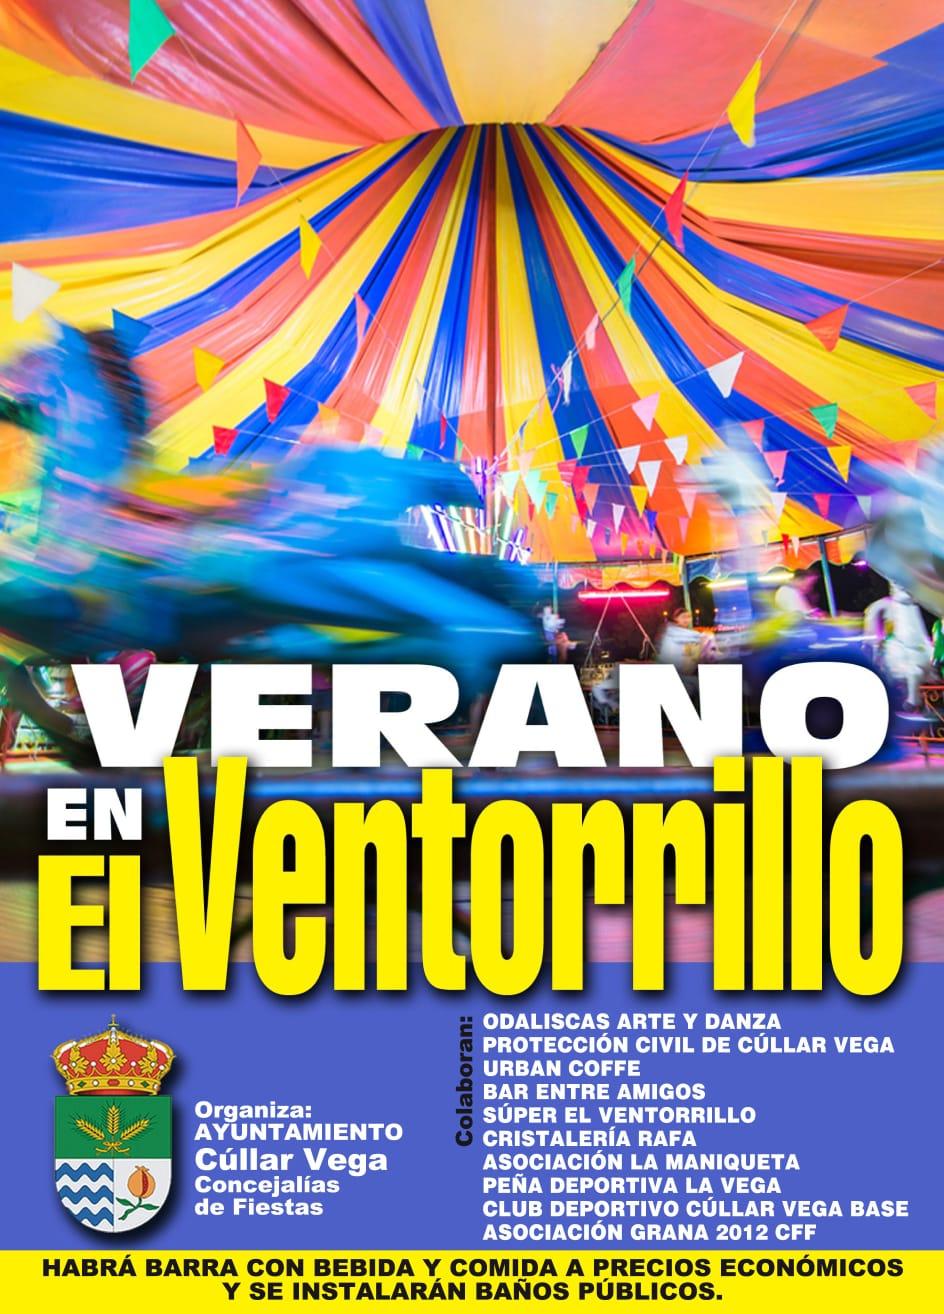 Verano en El Ventorrillo 2019